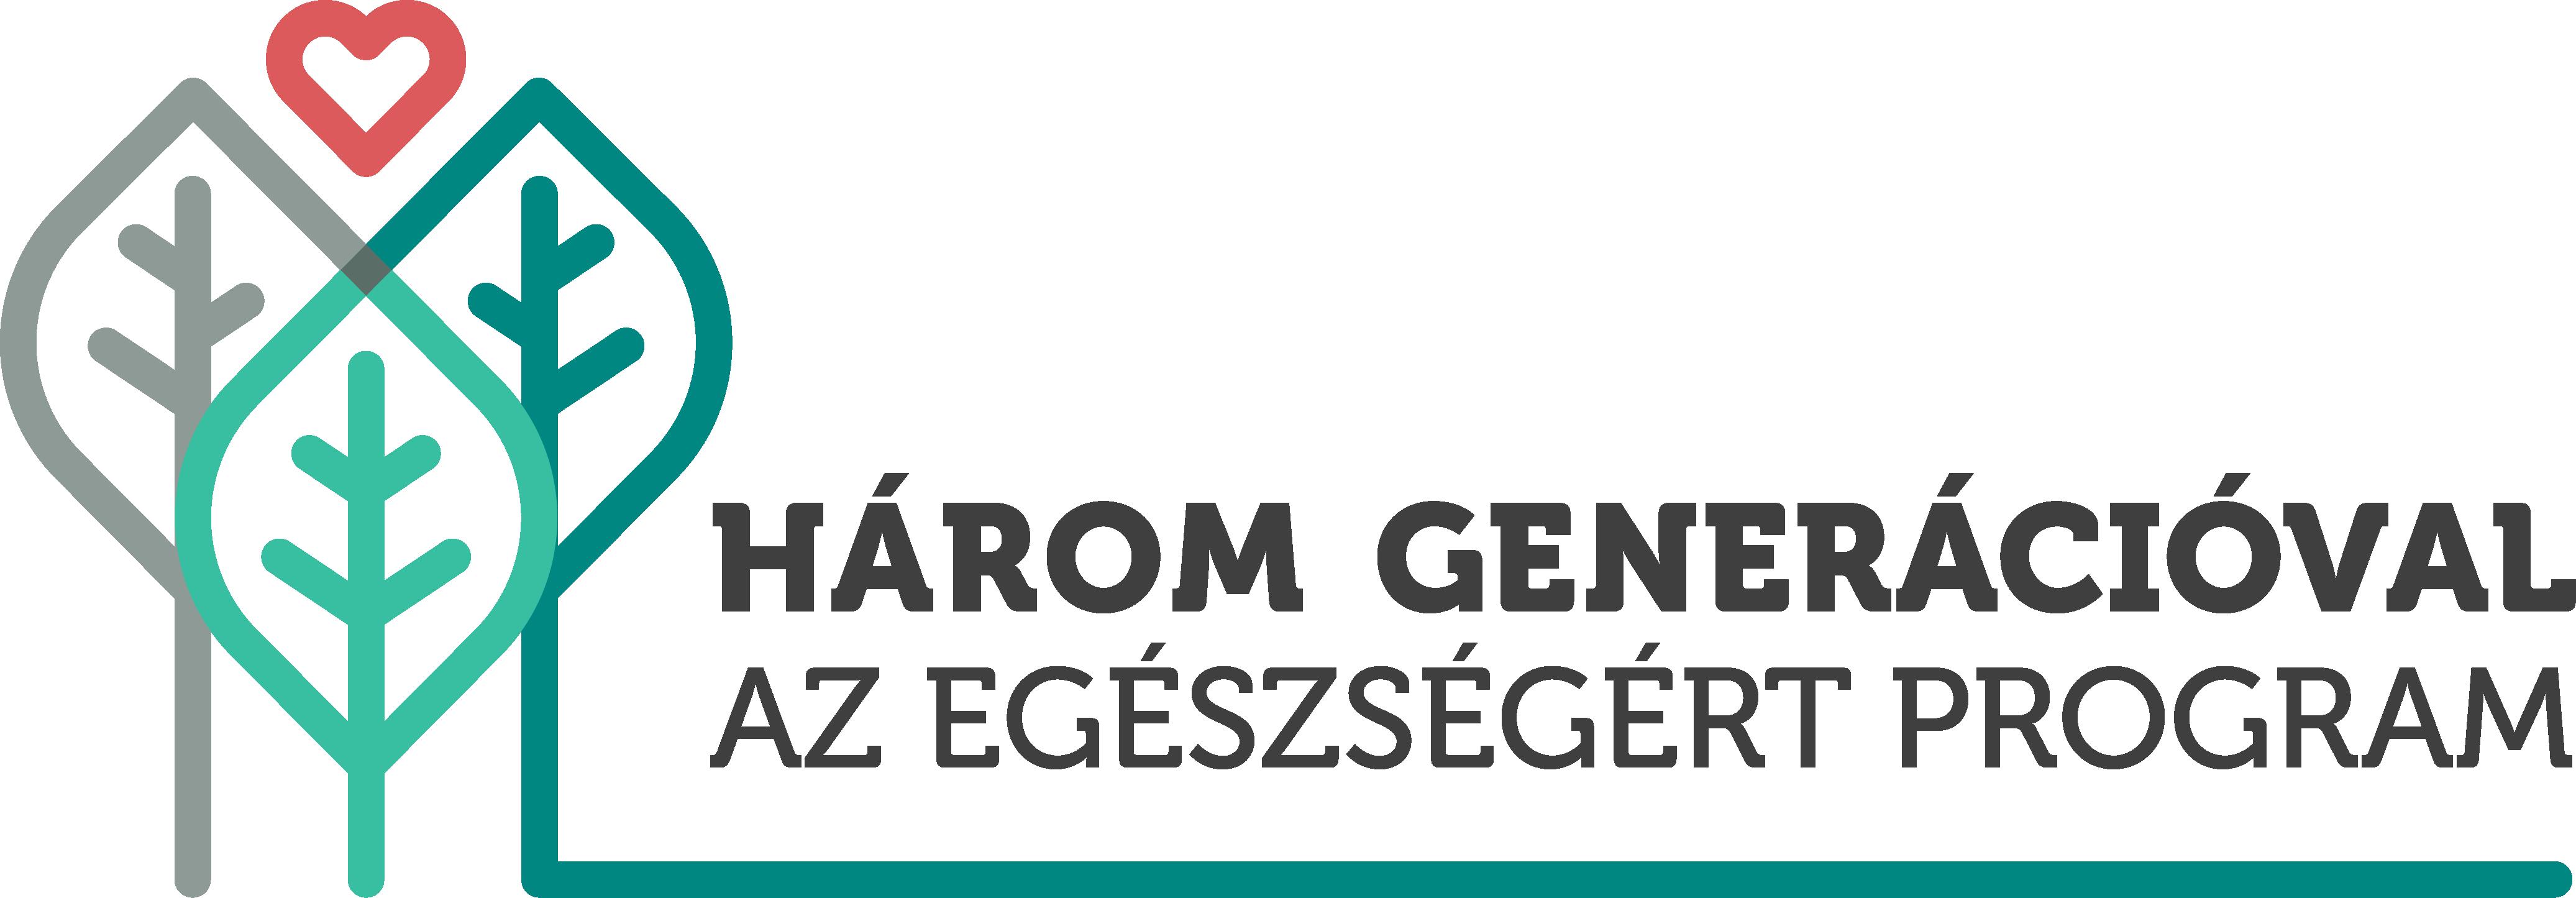 3G_logo_horizontalis_szines